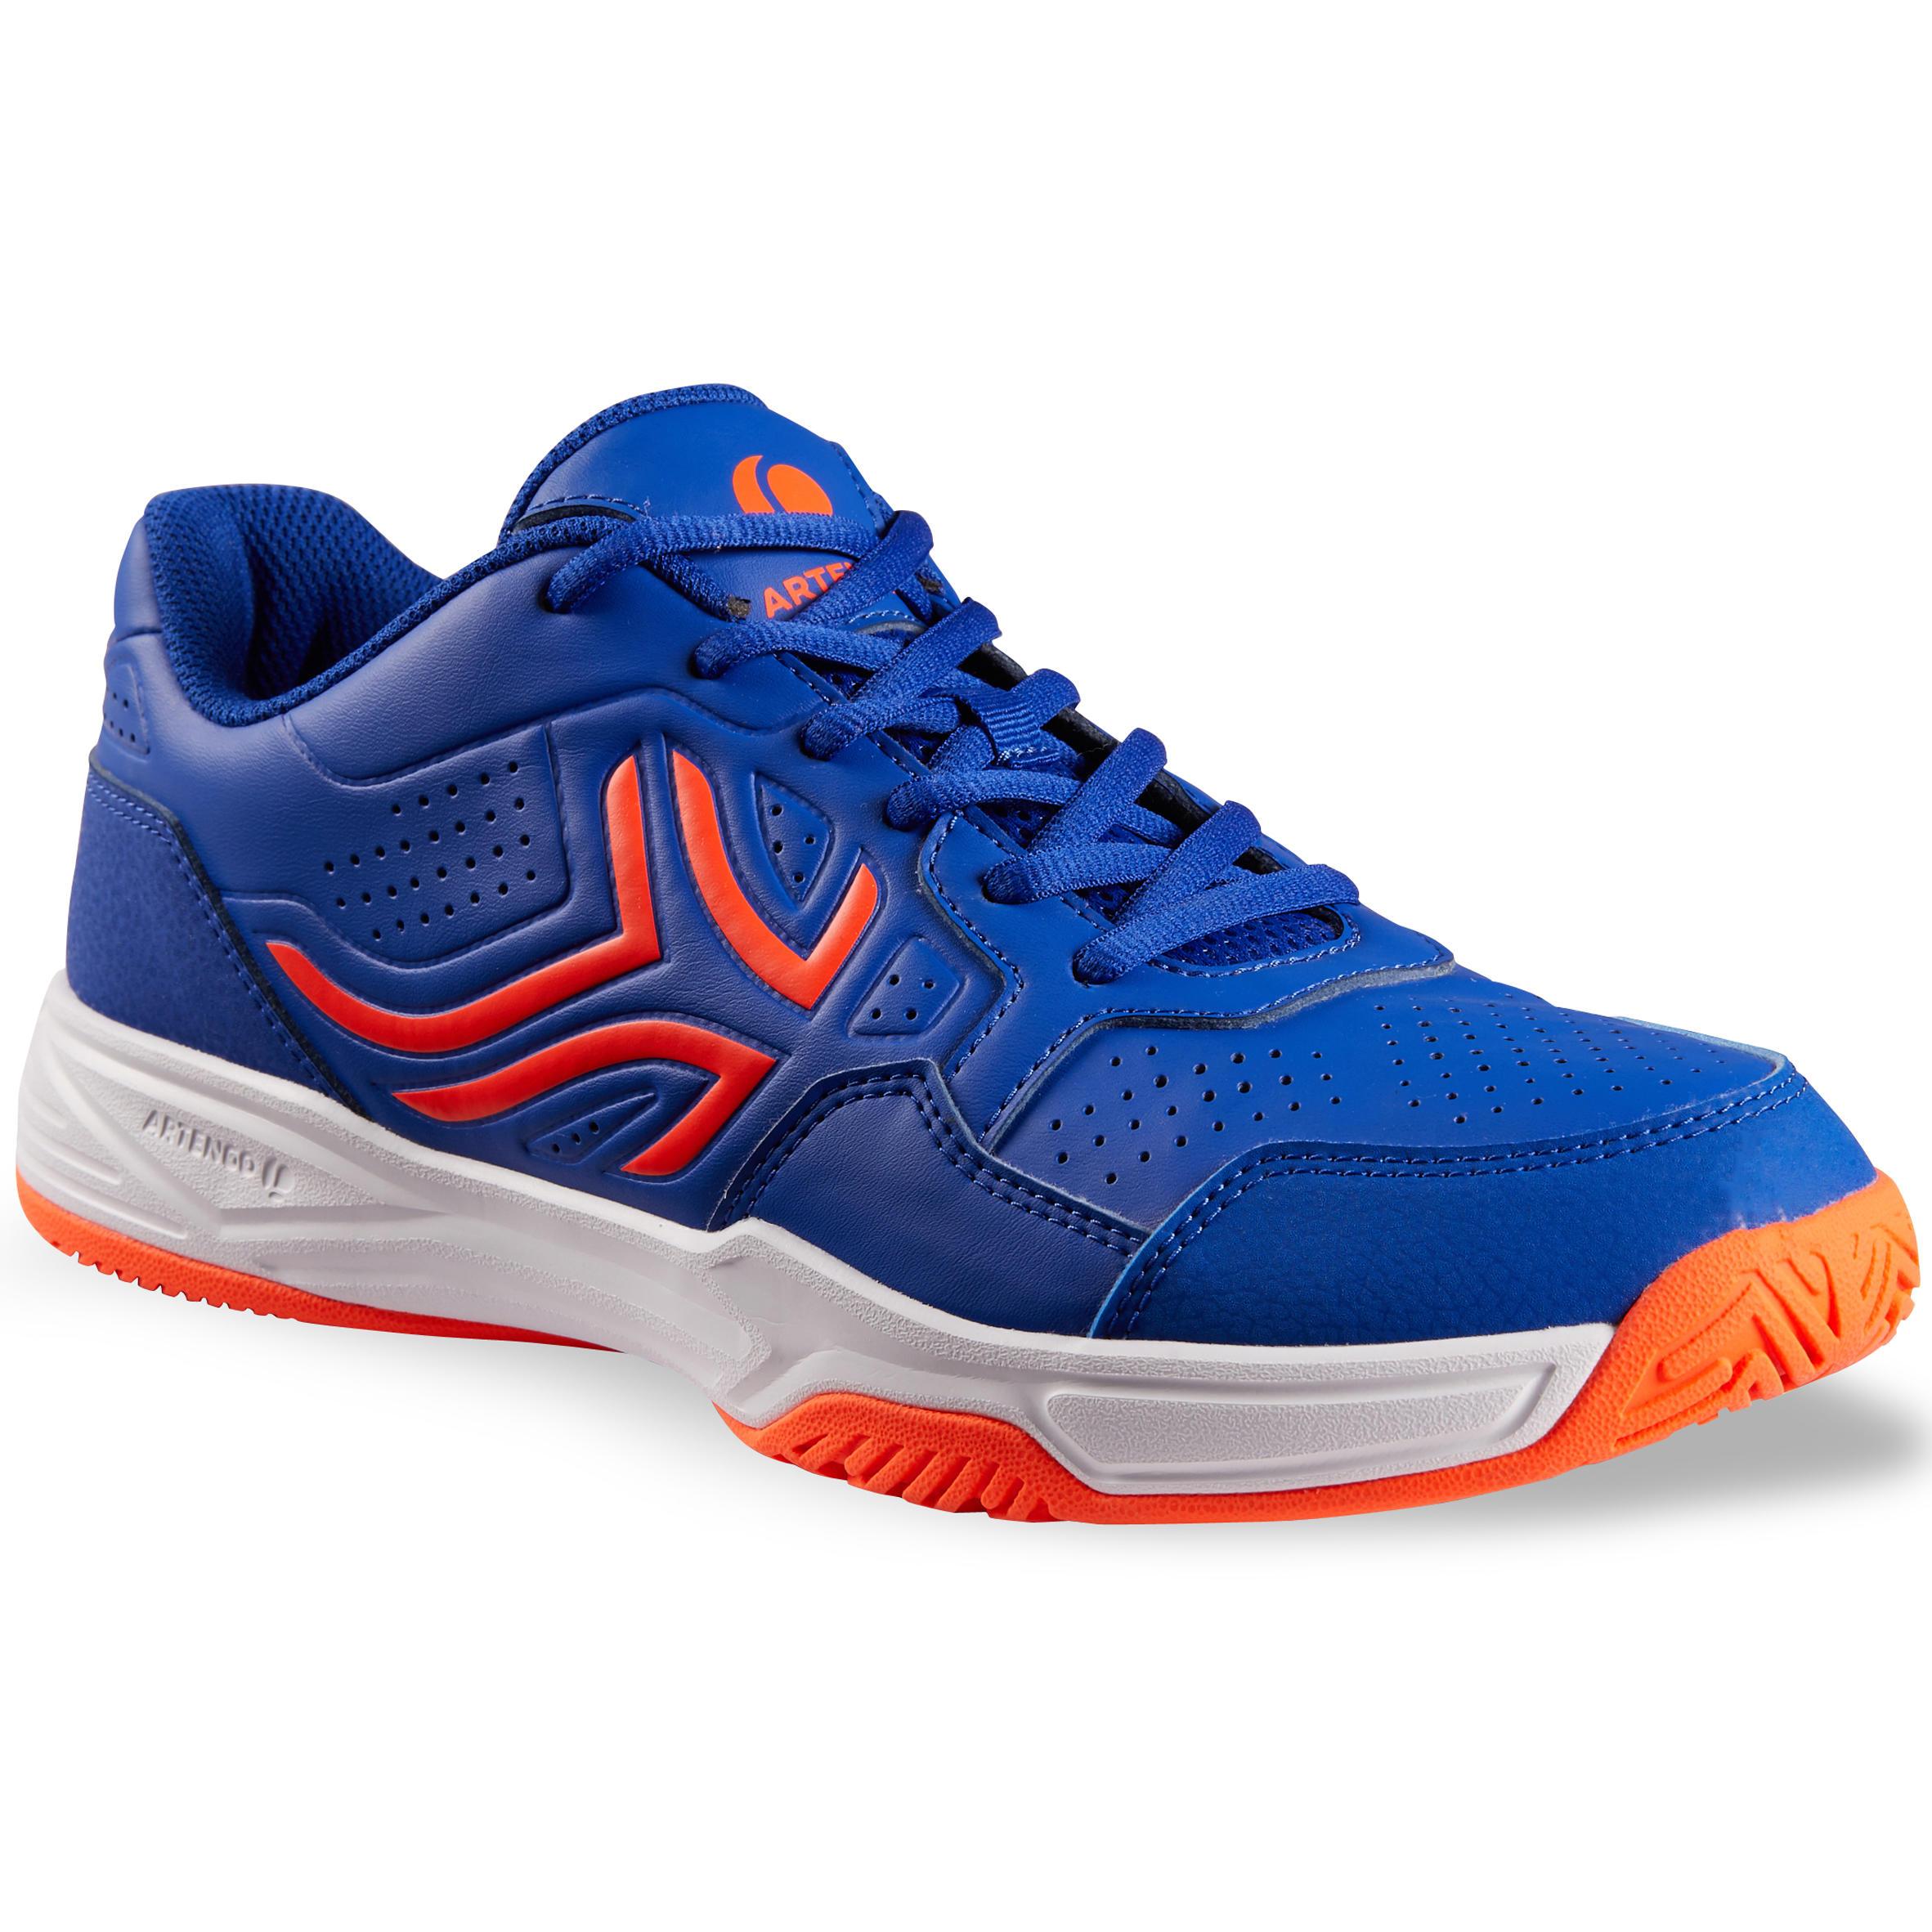 Sportschoenen heren kopen met voordeel